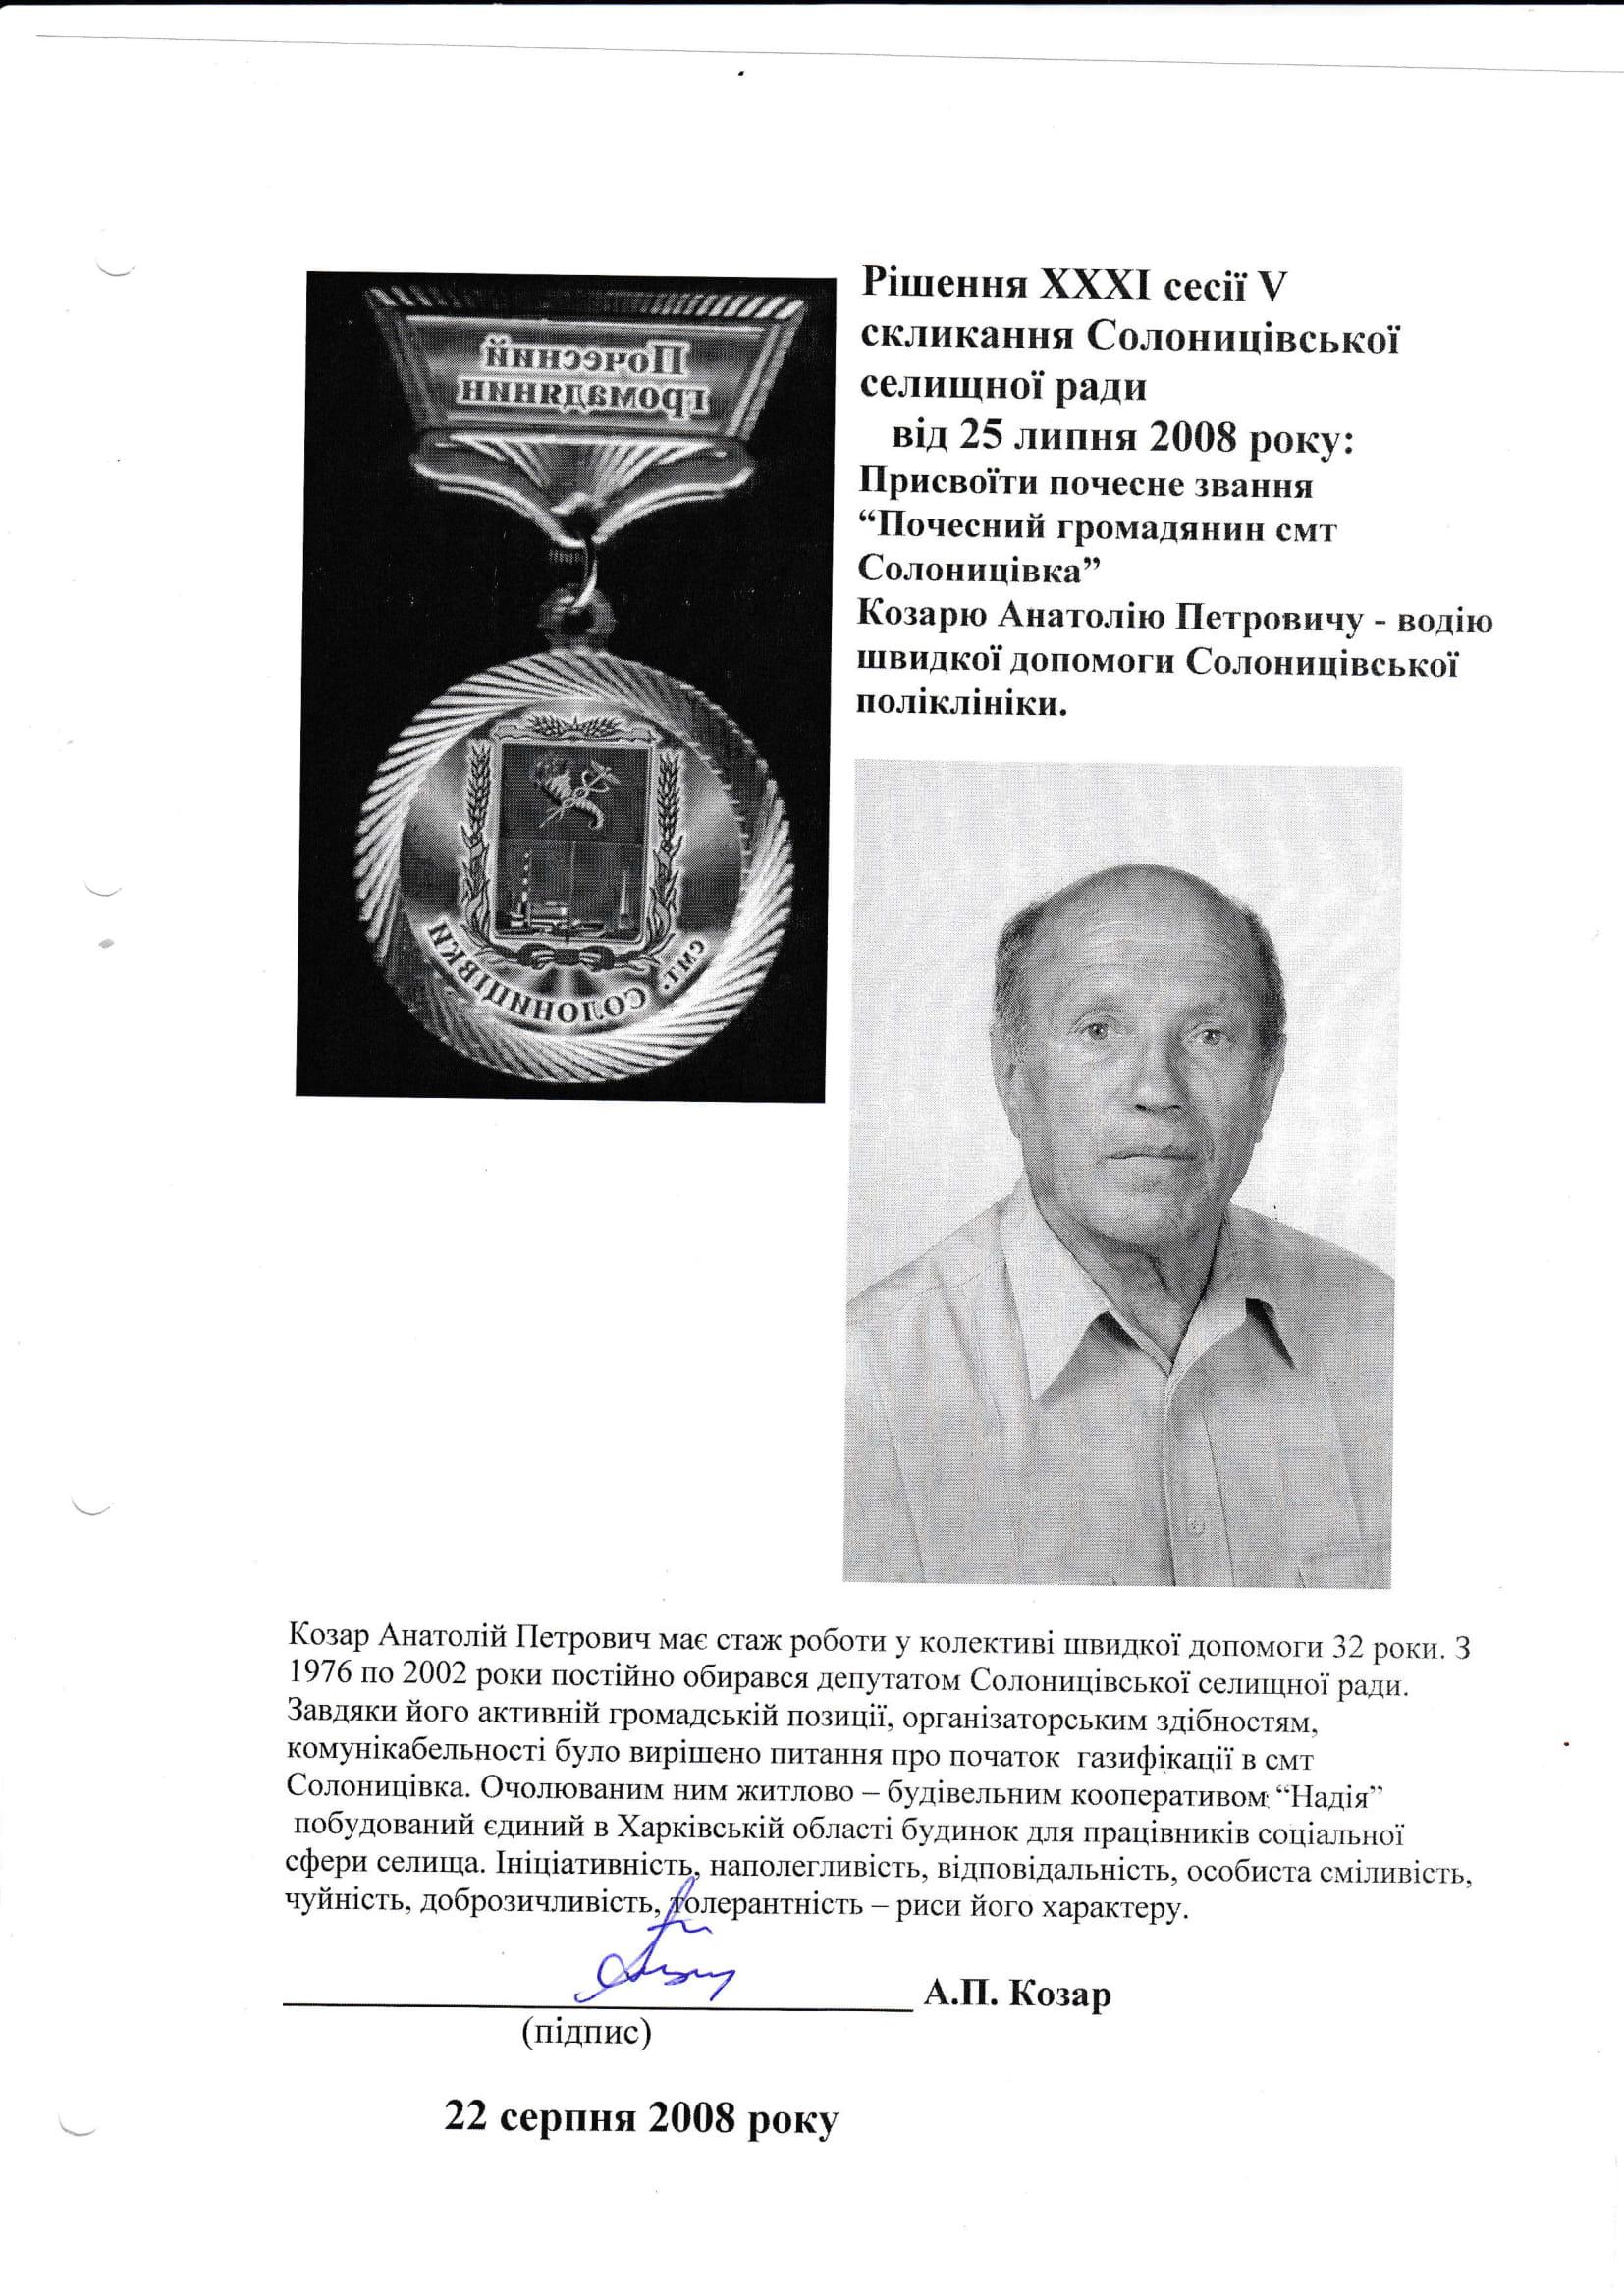 Козар Анатолій Петрович